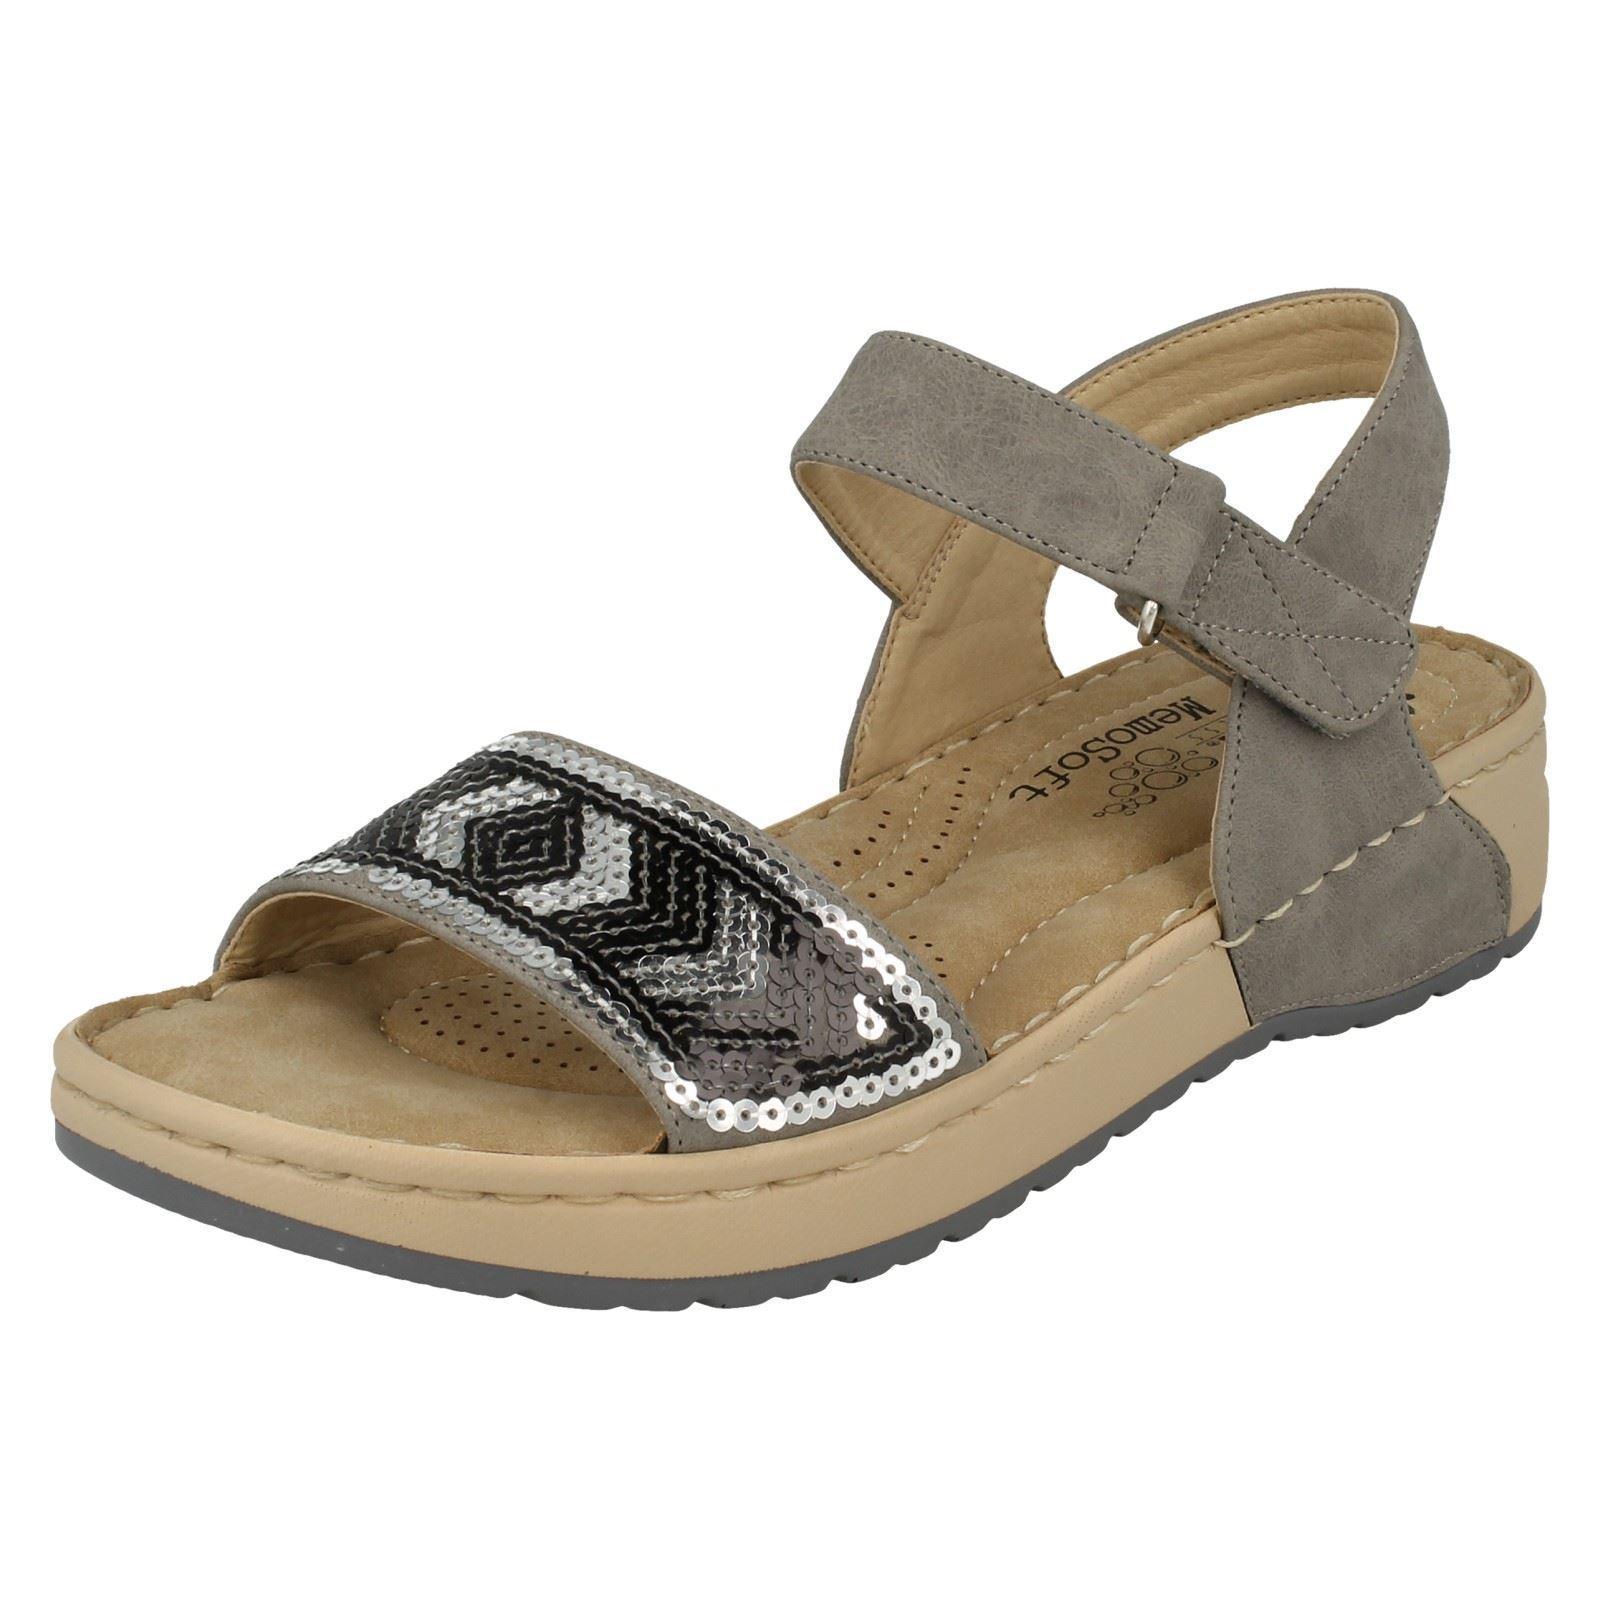 Femmes rieker V5778 gris synthétique des sandales compensées